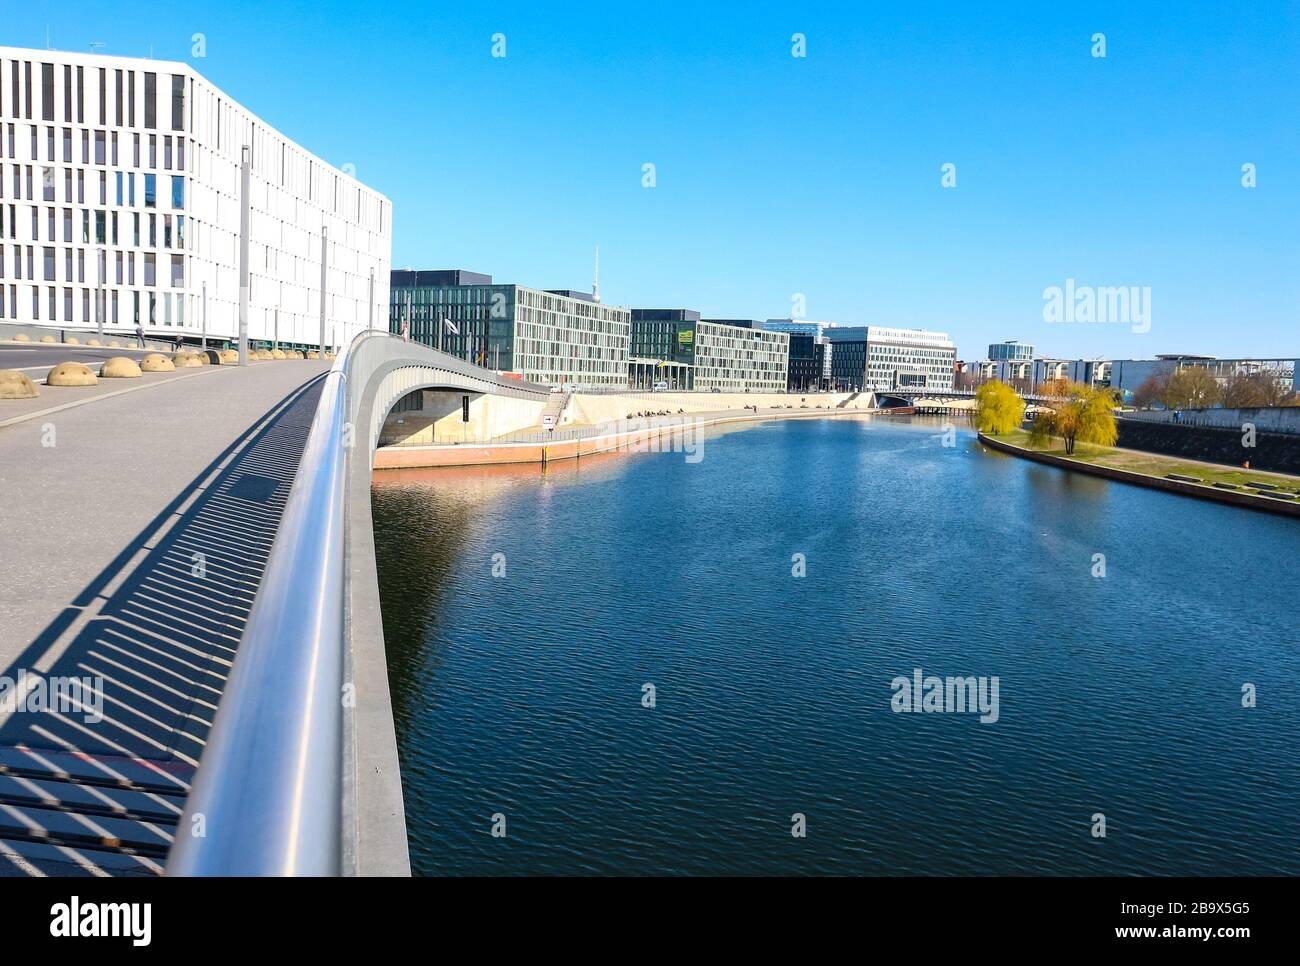 Brücke über die Spree im verlassenen Regierungsviertel im Zentrum Berlins während des Coronavirus-Stillstands in Deutschland. Stockfoto